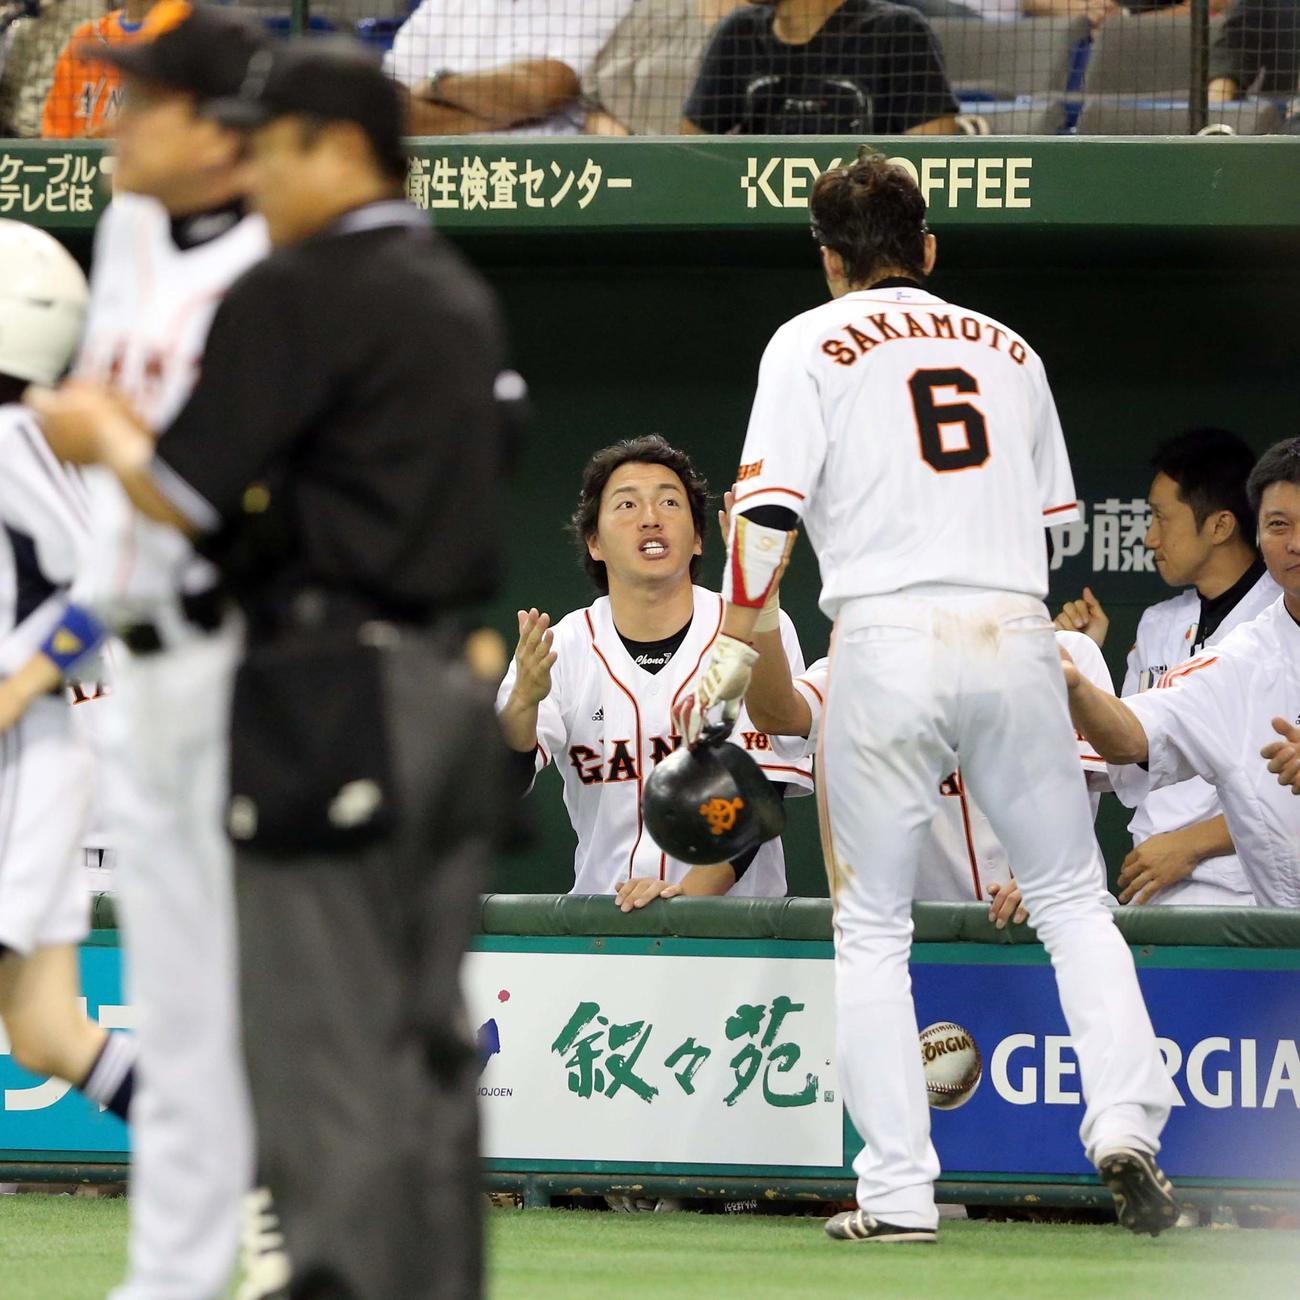 2012年10月7日、巨人対DeNA 7回裏巨人の攻撃後、坂本(右手前)を笑顔で祝福する長野(中央)